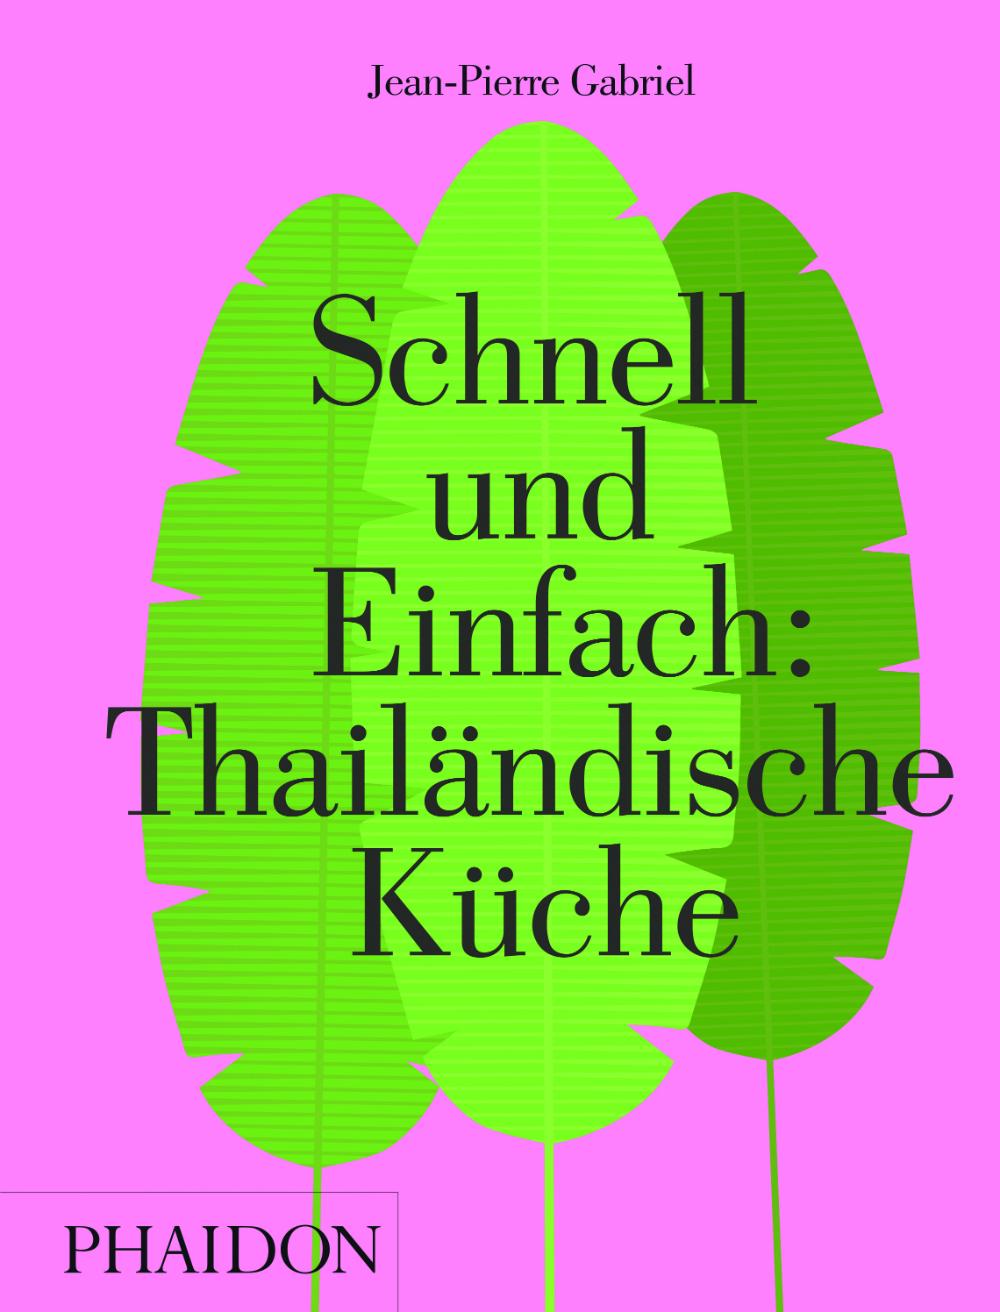 Cover: Kochbuch-Rezension zu Schnell und Einfach: Thailändische Küche von Jean-Pierre Gabriel, erschienen bei Phaidon | Arthurs Tochter kocht. von Astrid Paul